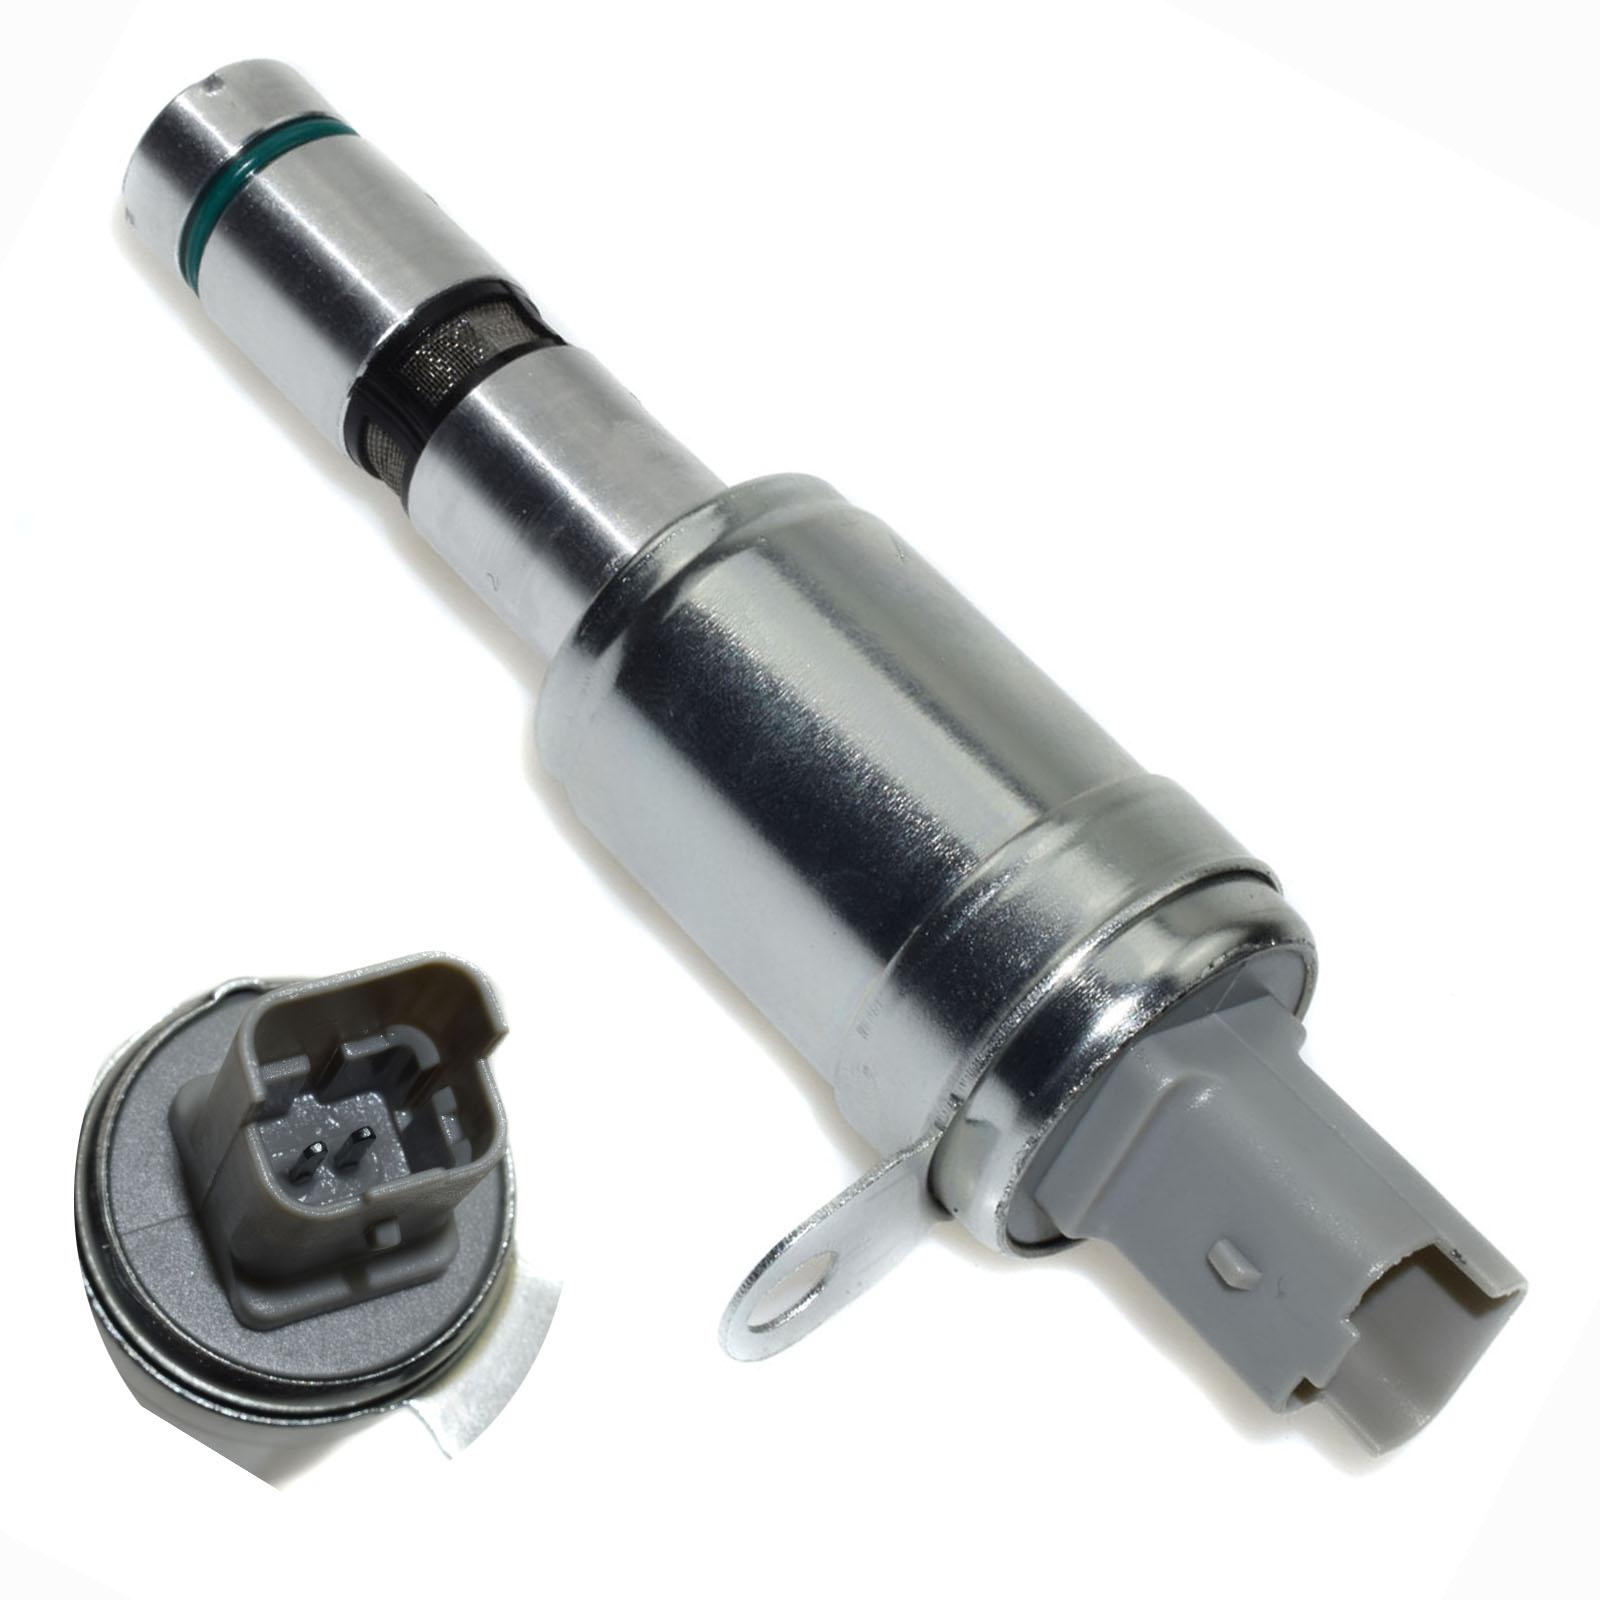 camshaft dephaser solenoid valve 8200823650 for renault. Black Bedroom Furniture Sets. Home Design Ideas